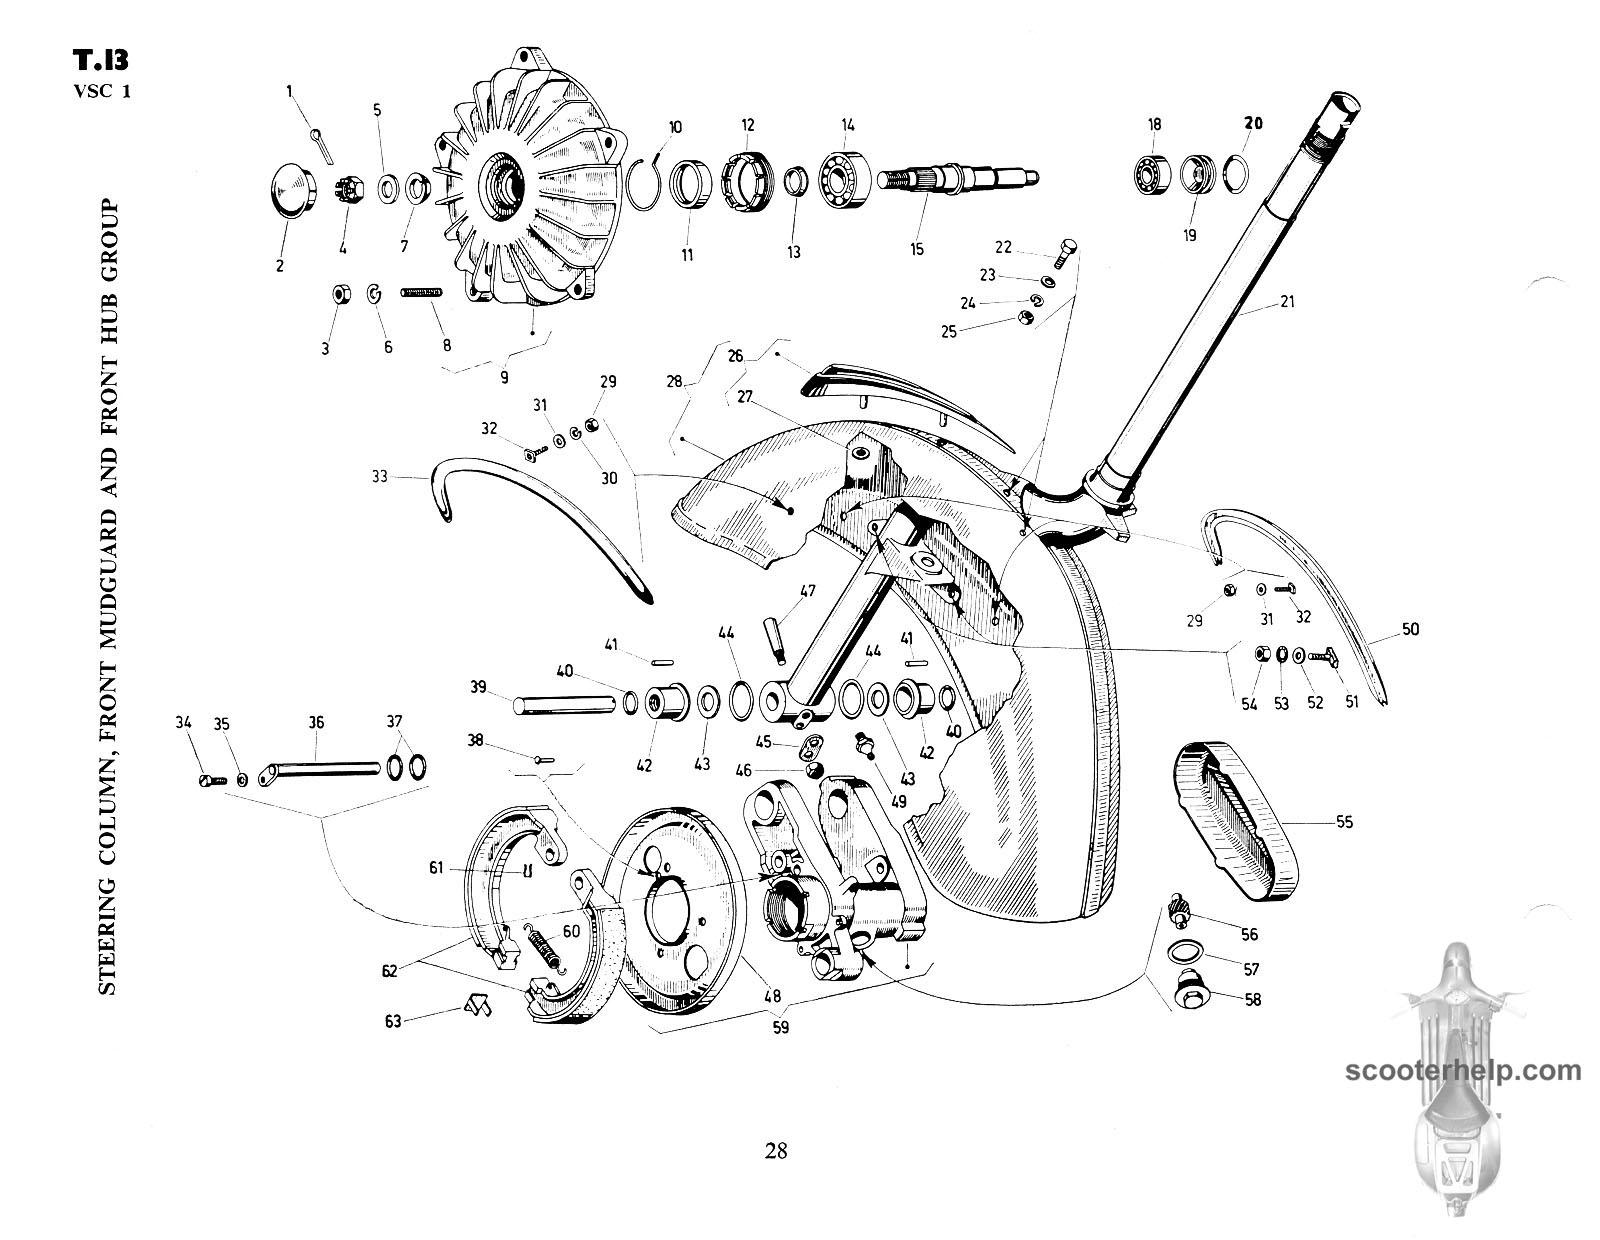 Vespa SS180 (VSC1T) Parts Book